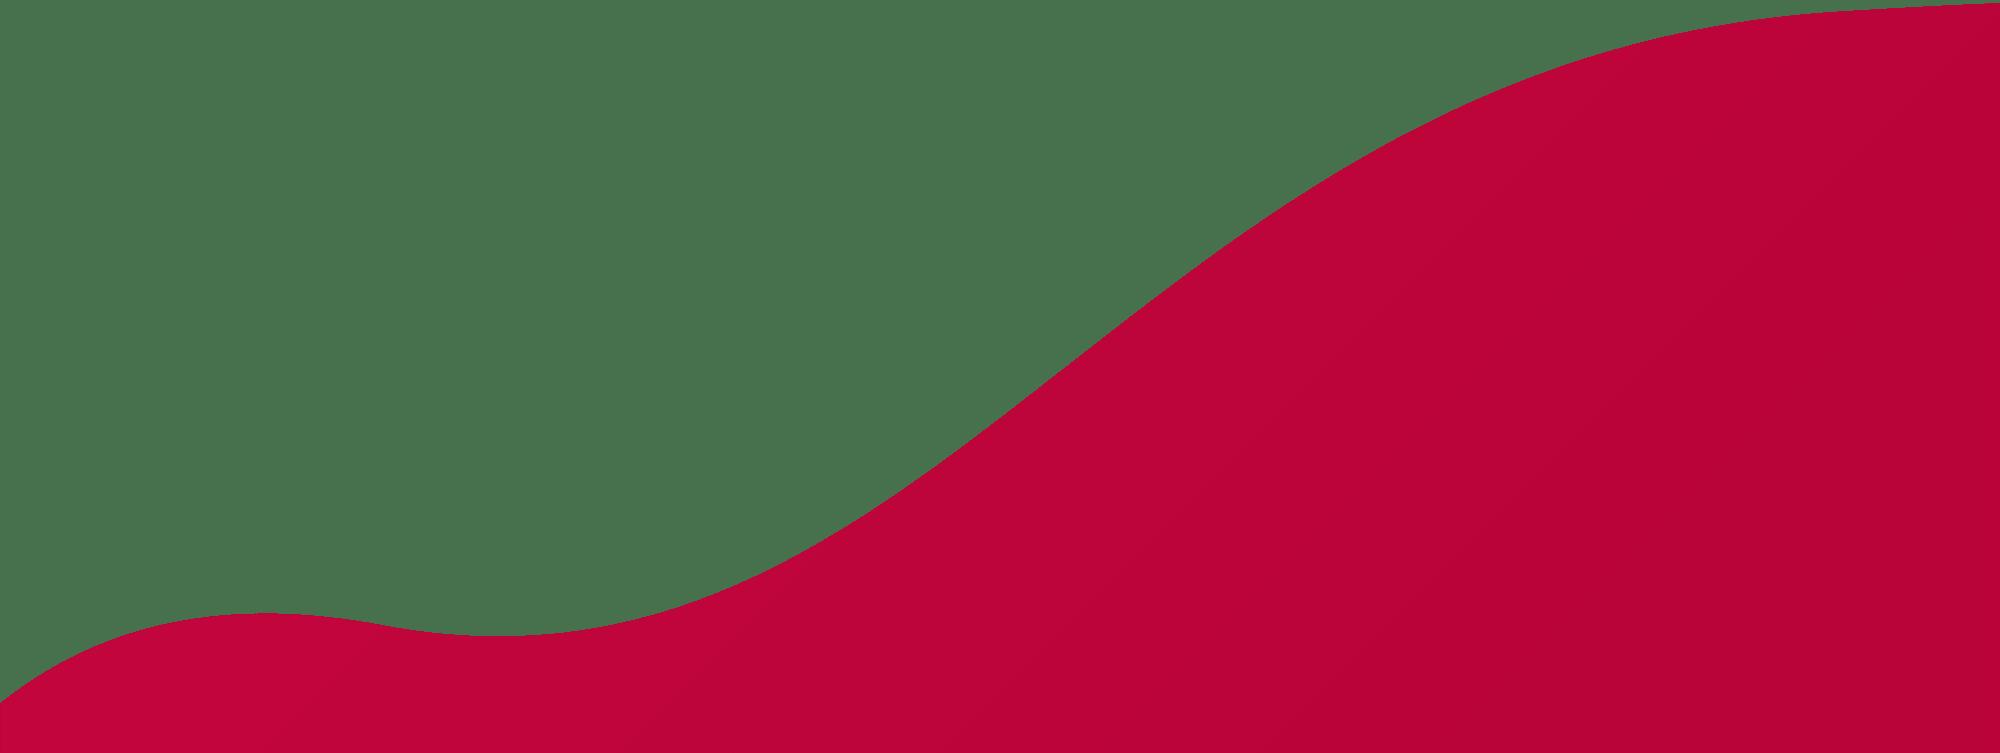 Rote Form als Hintergrund